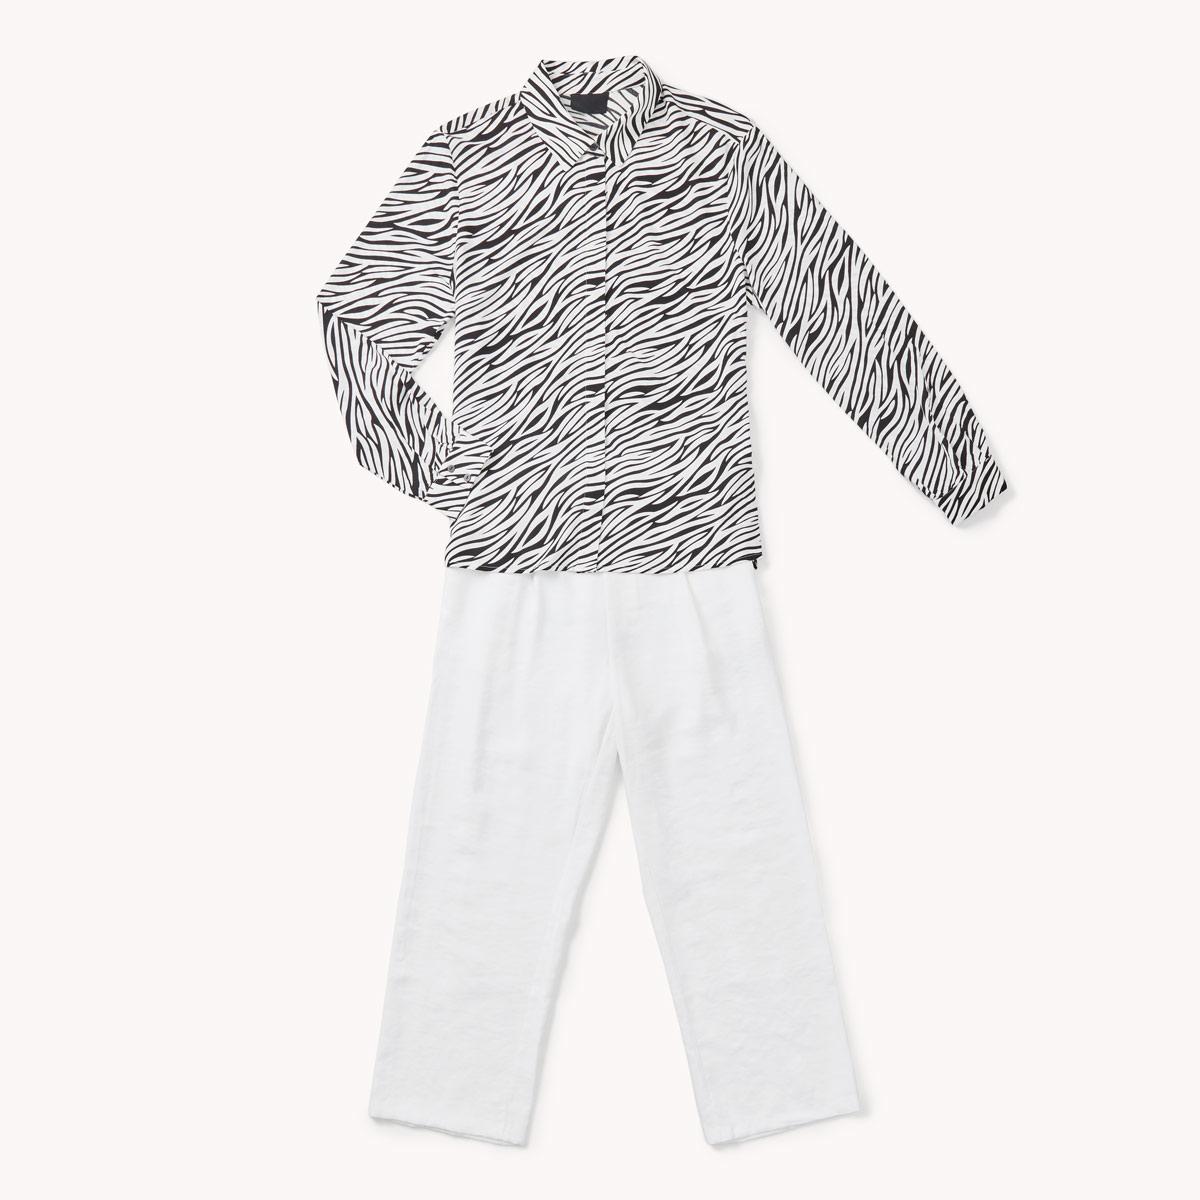 zebra print shirt black & white trend spring summer 2020